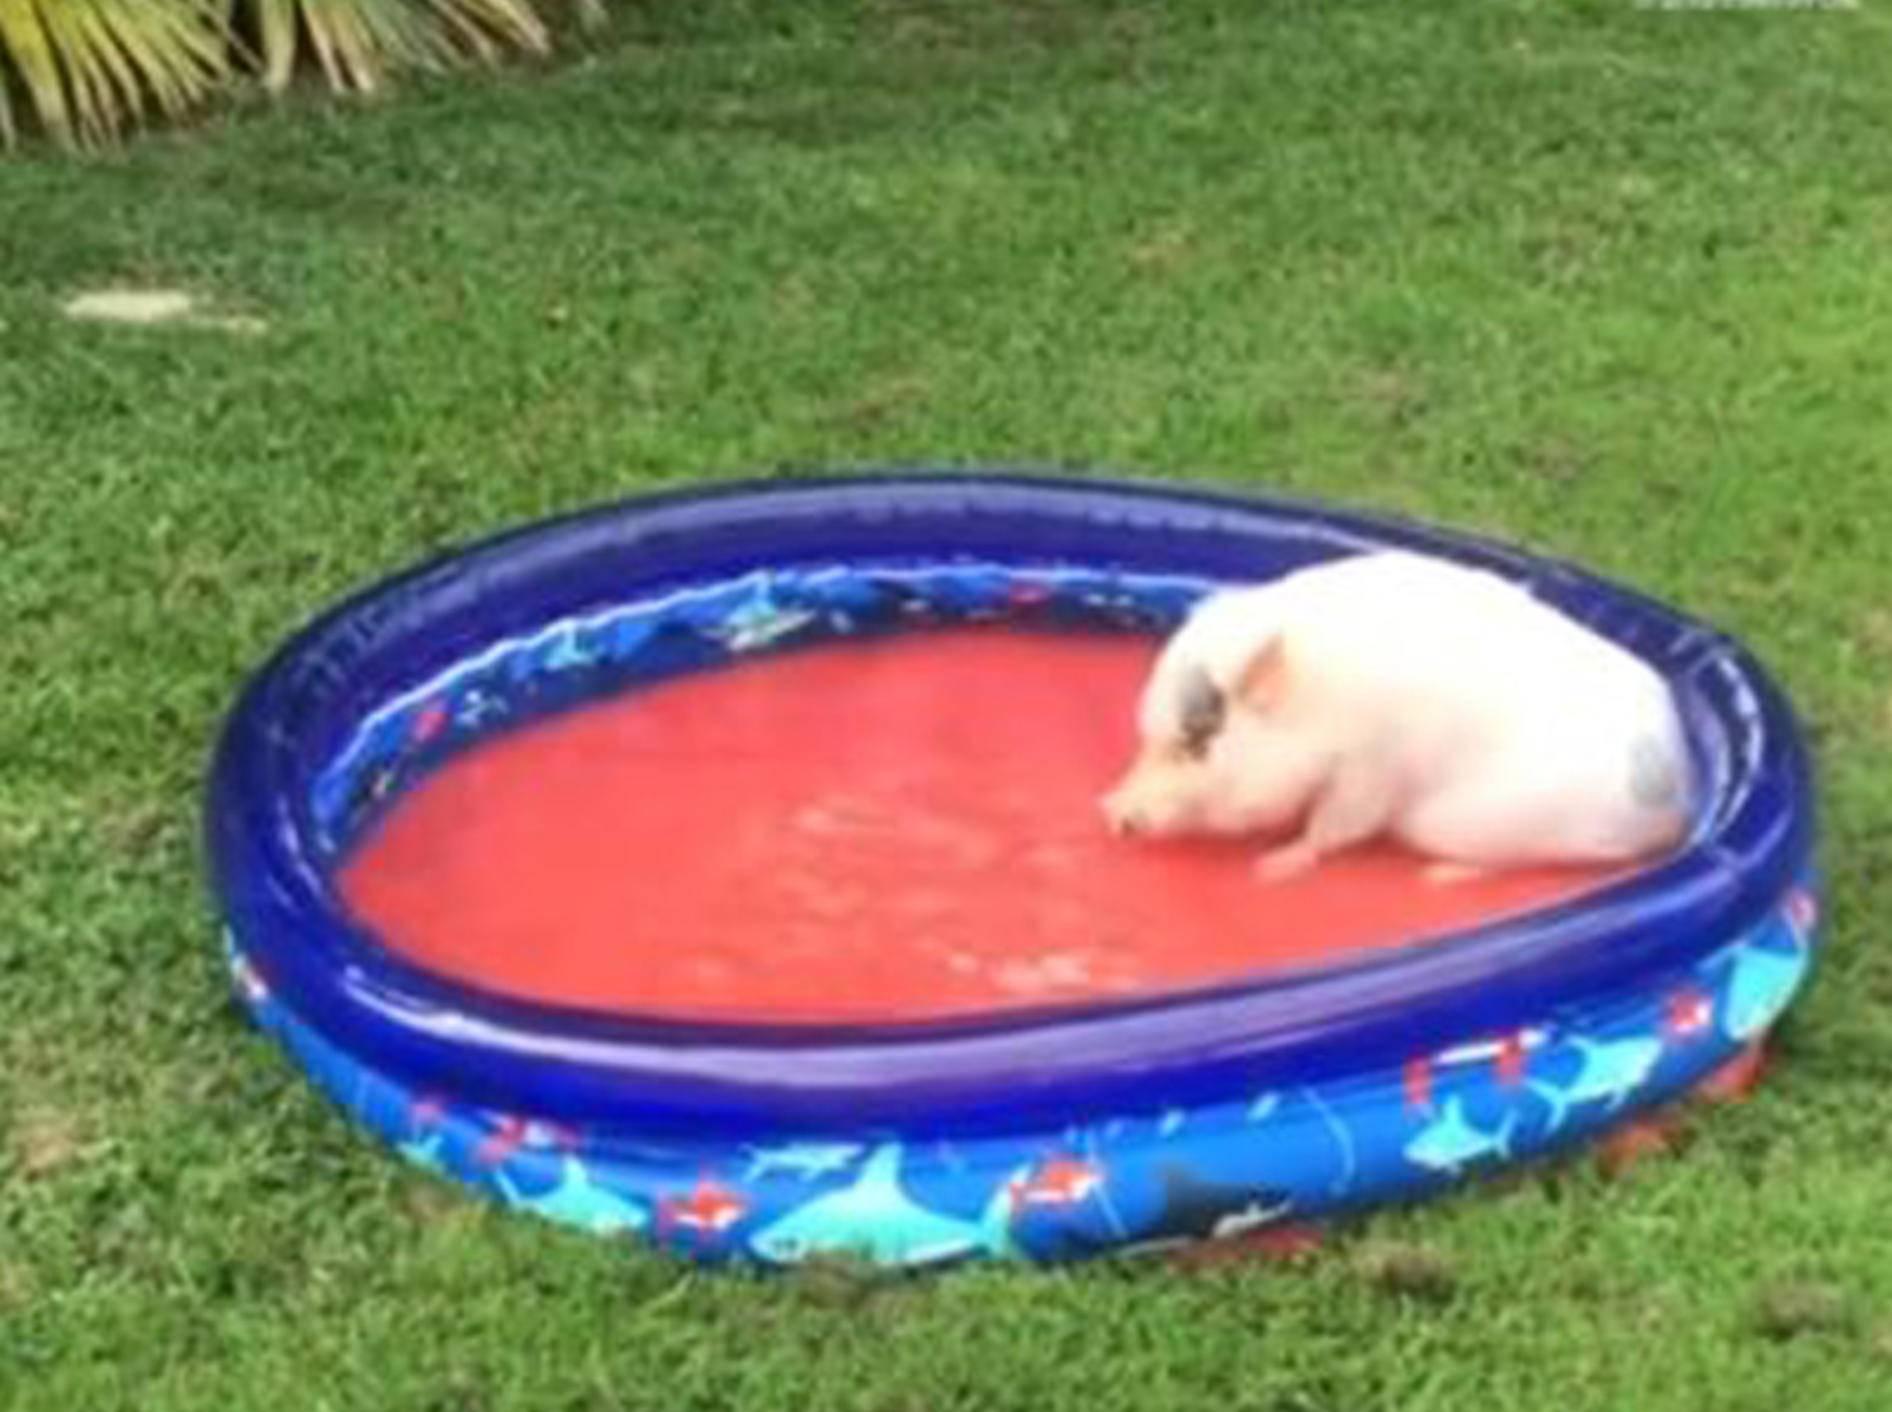 Schweinchen Hank lässt es sich im Plantschbecken gut gehen - Bild: YouTube / Rumble Viral